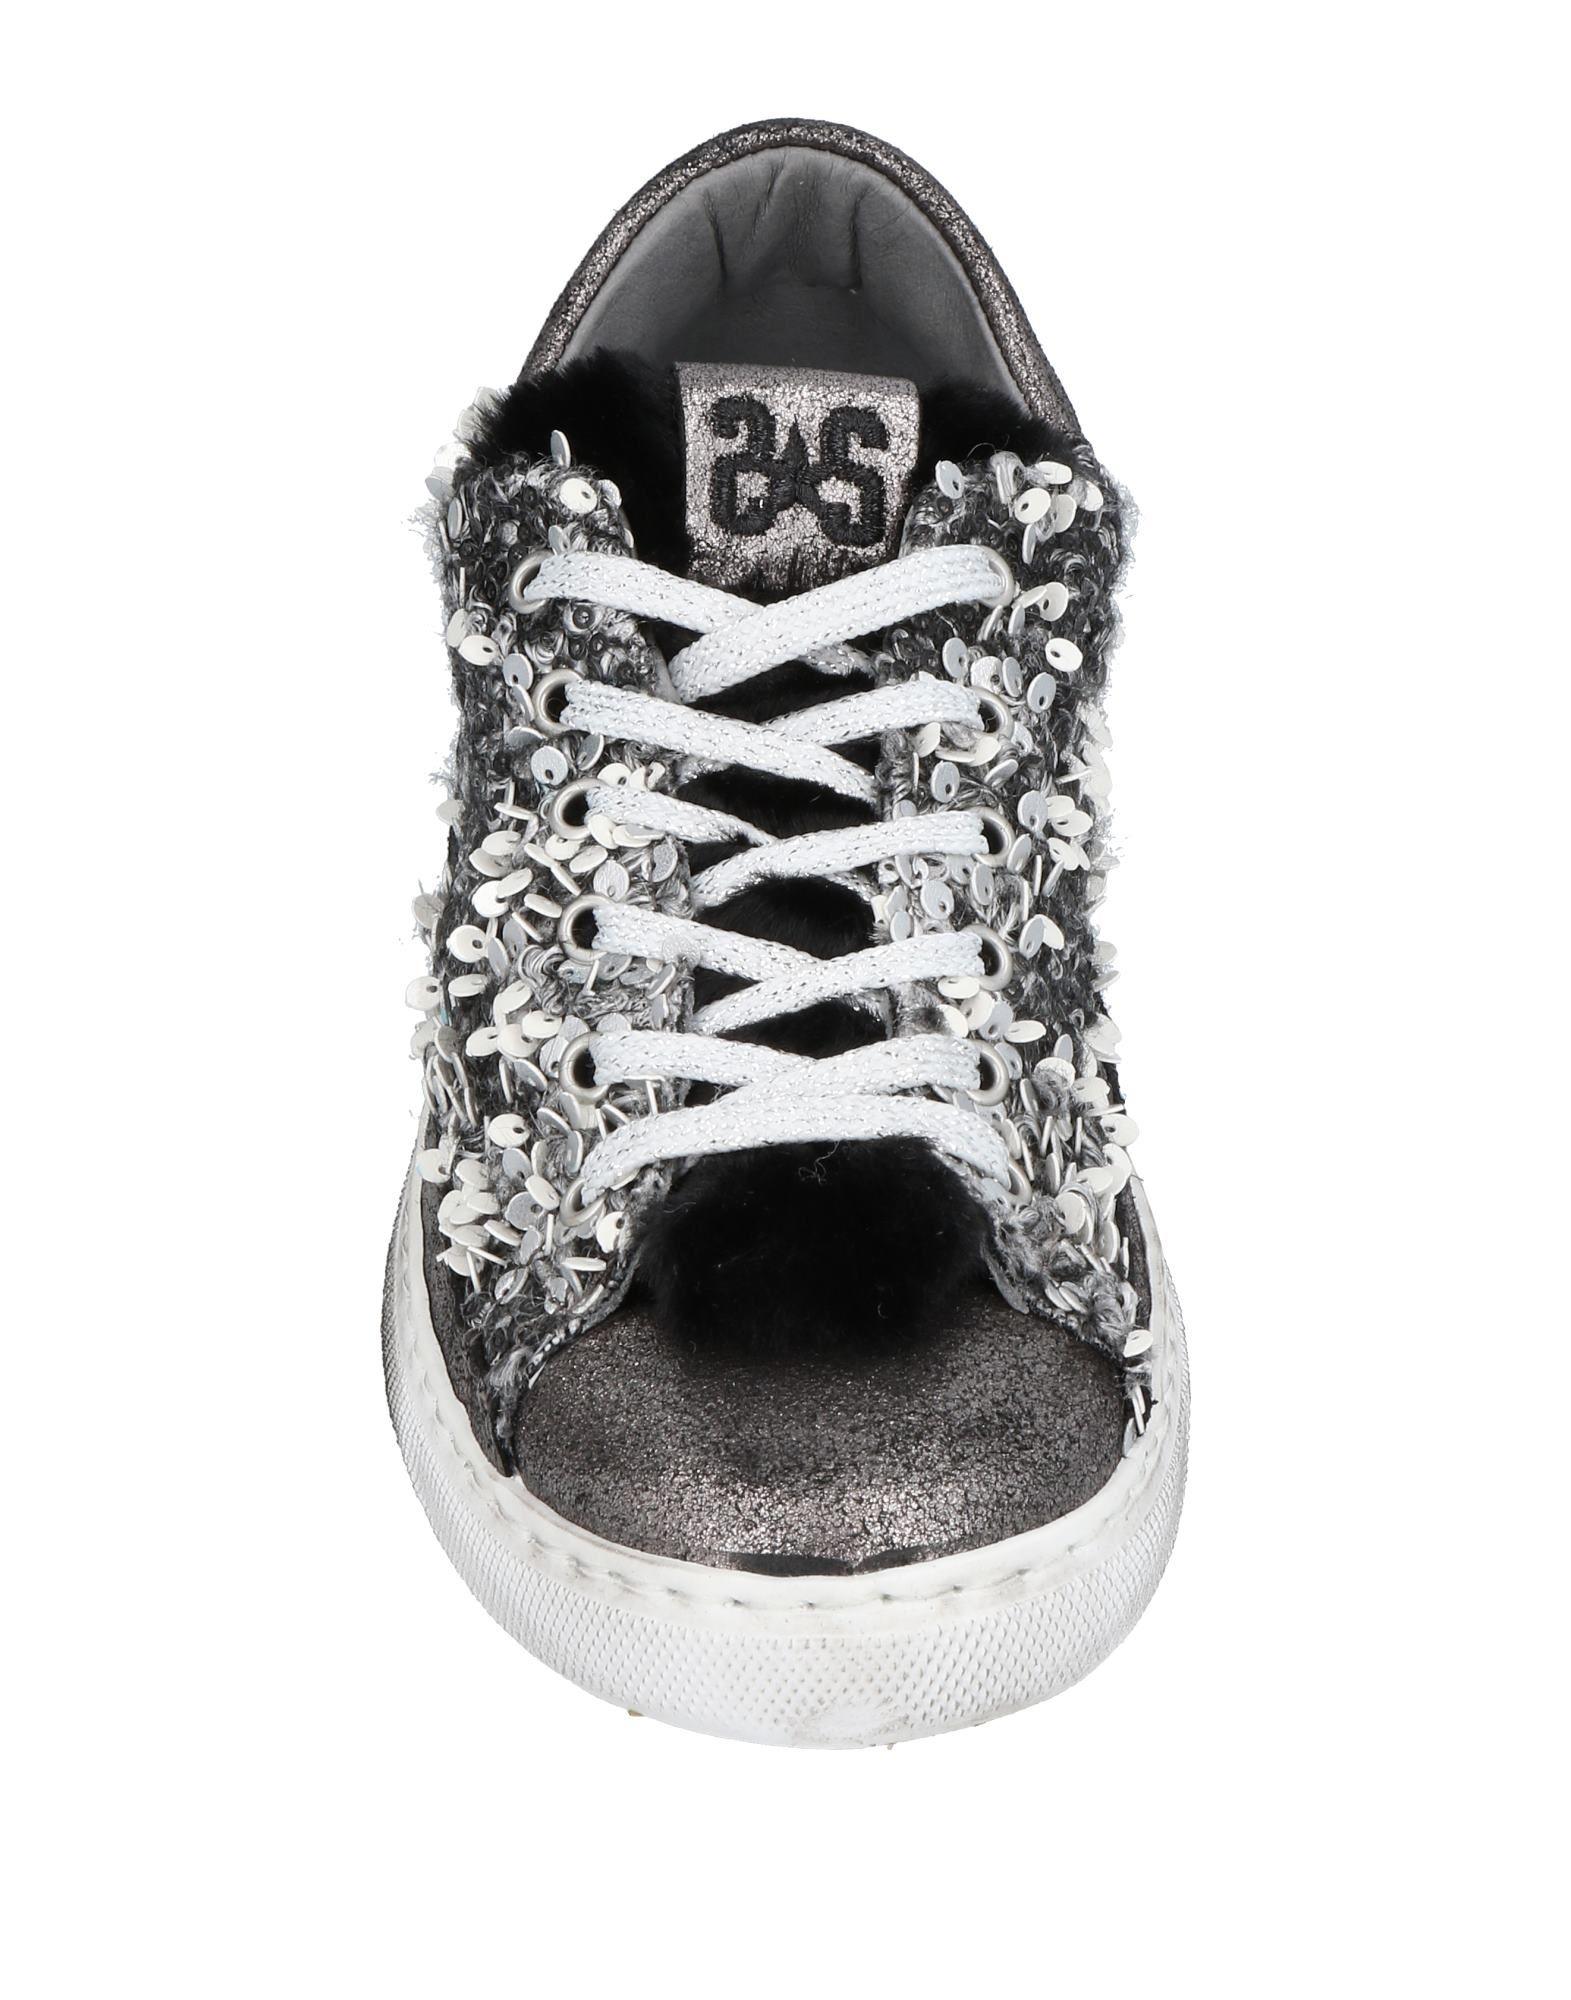 2Star Sneakers Damen  11453595XR Gute Qualität beliebte Schuhe Schuhe Schuhe b61779